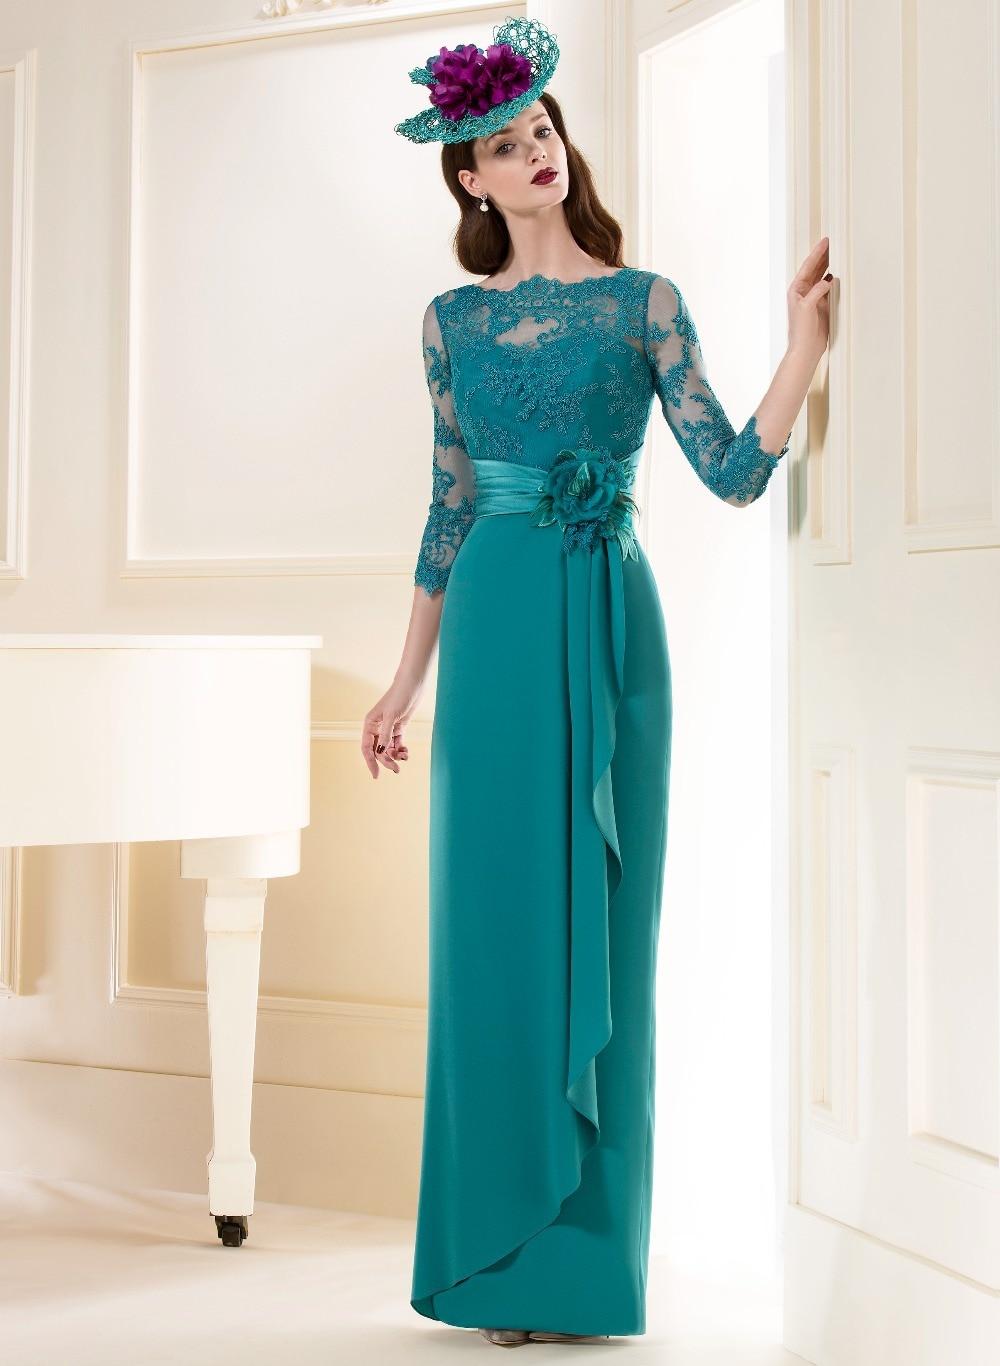 Vestido de festa renda azul tiffany